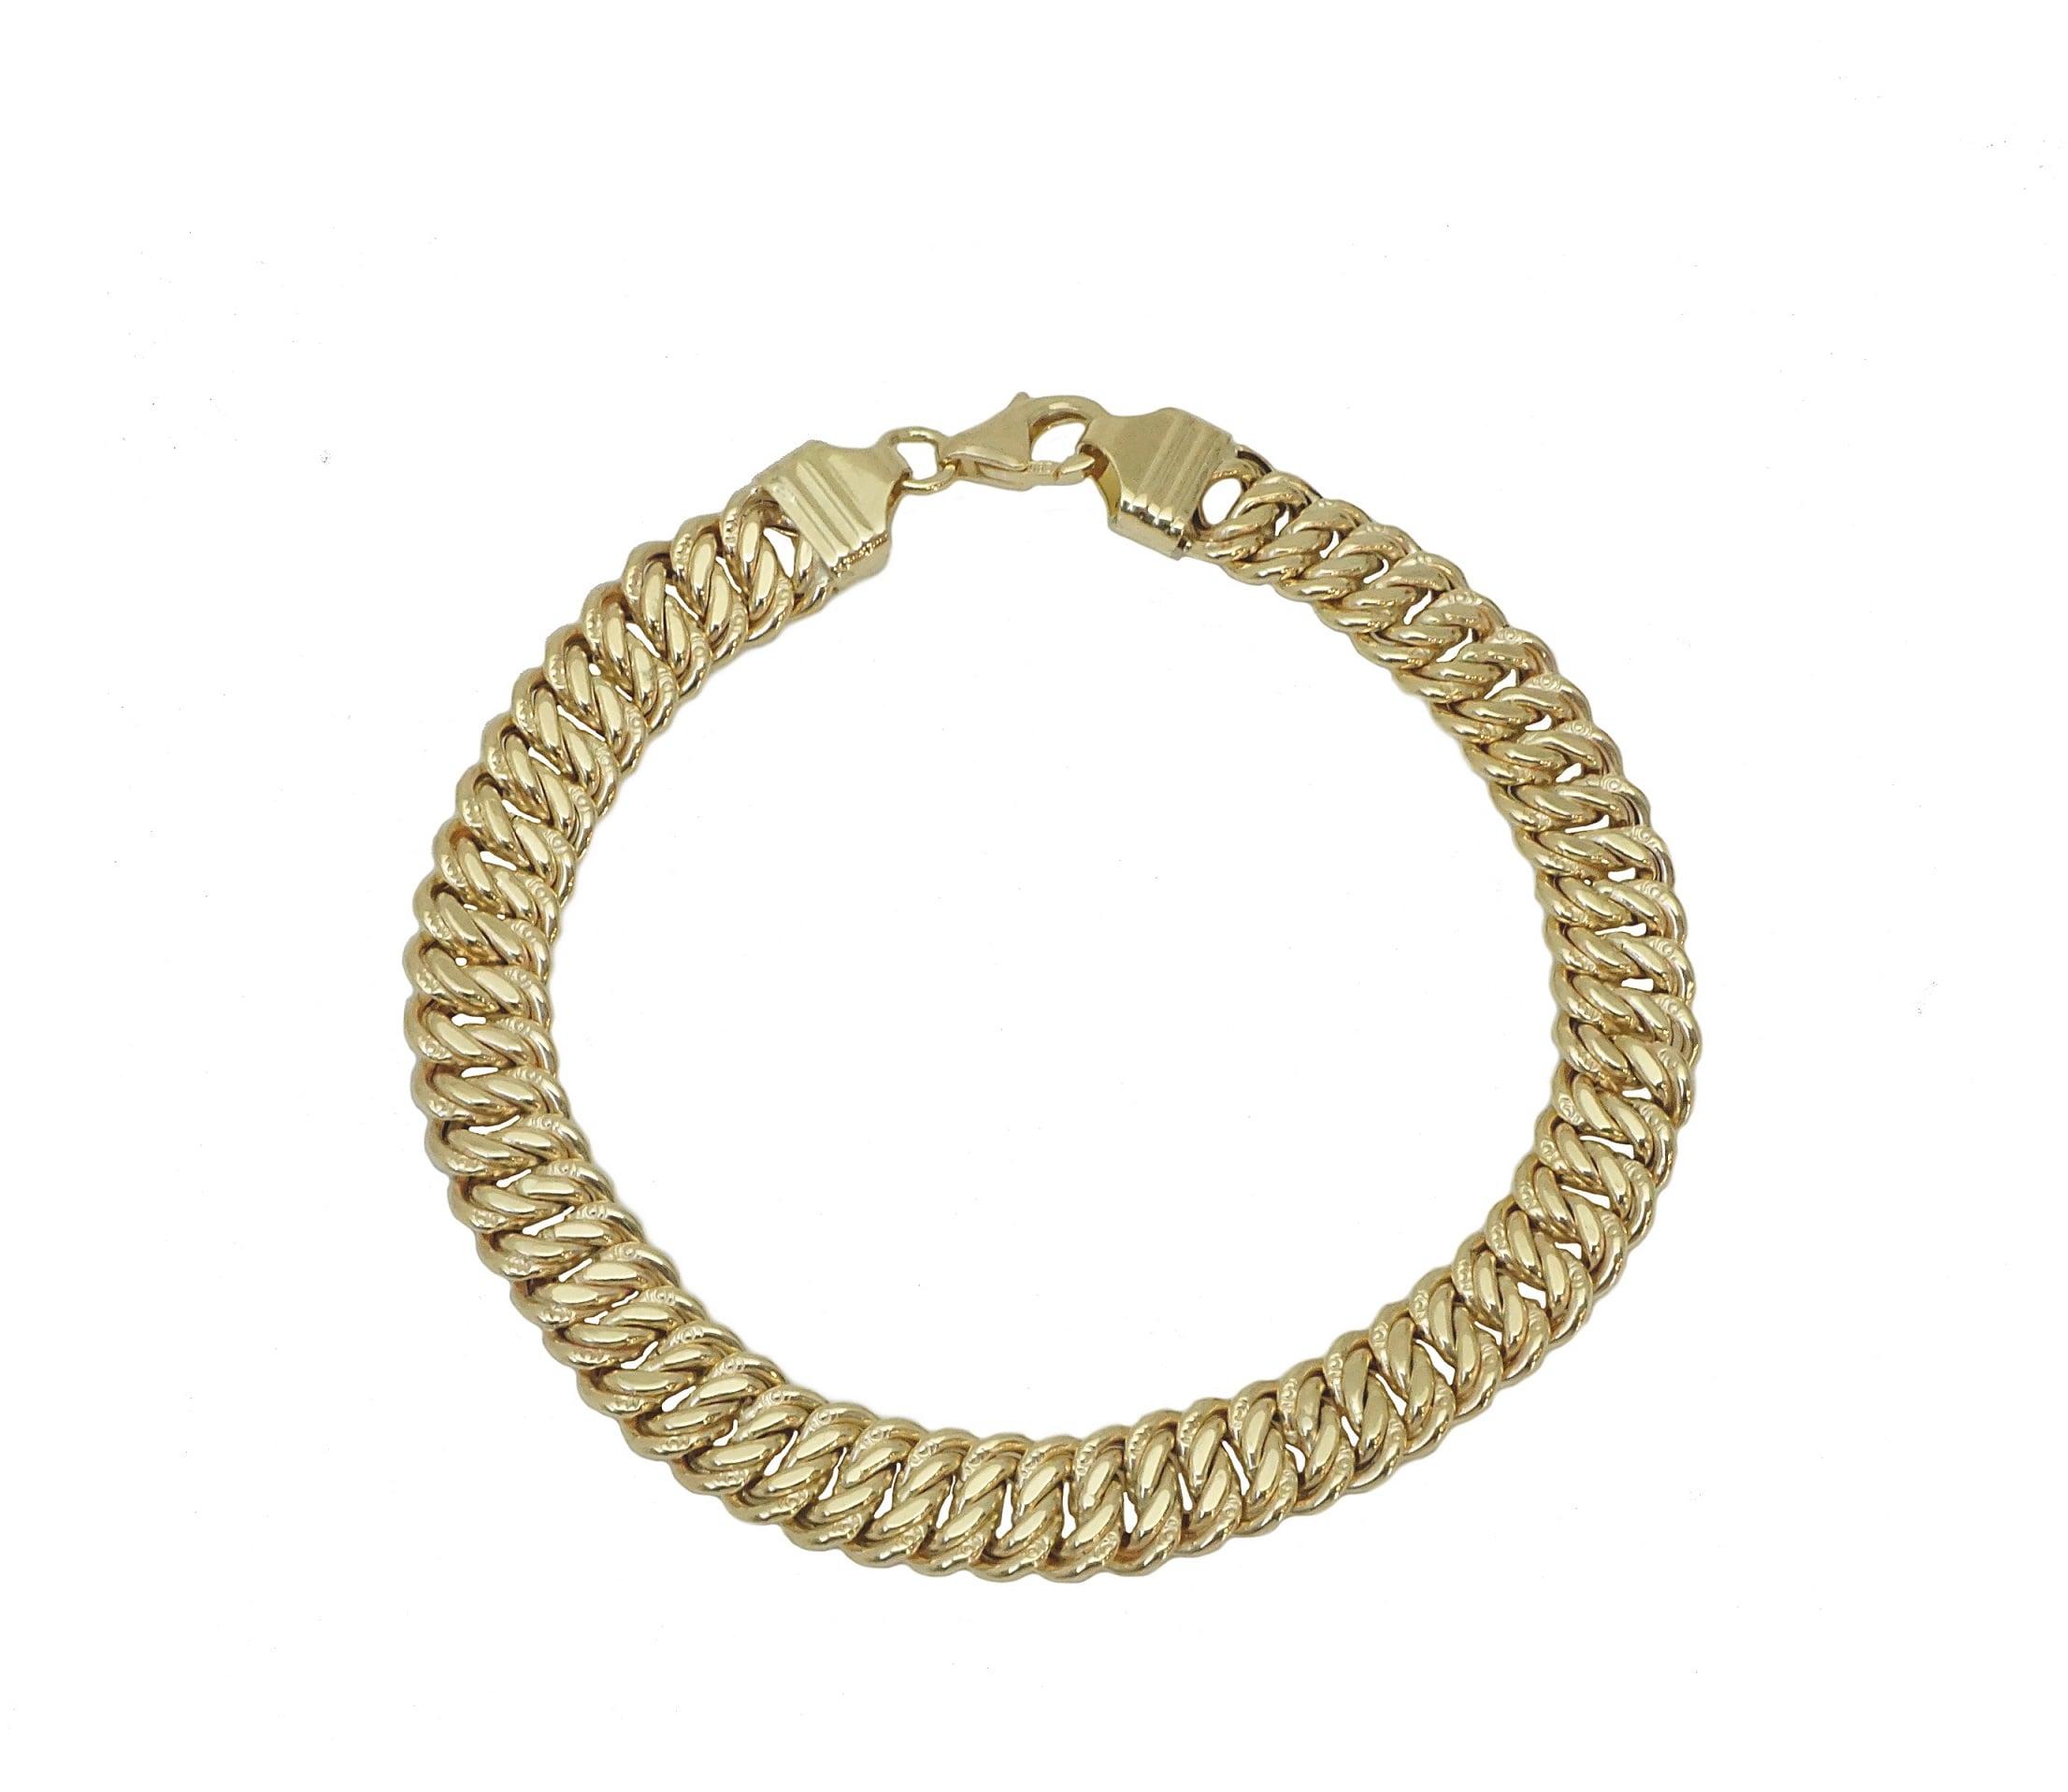 צמיד זהב לאישה חוליות עשיר ויוקרתי